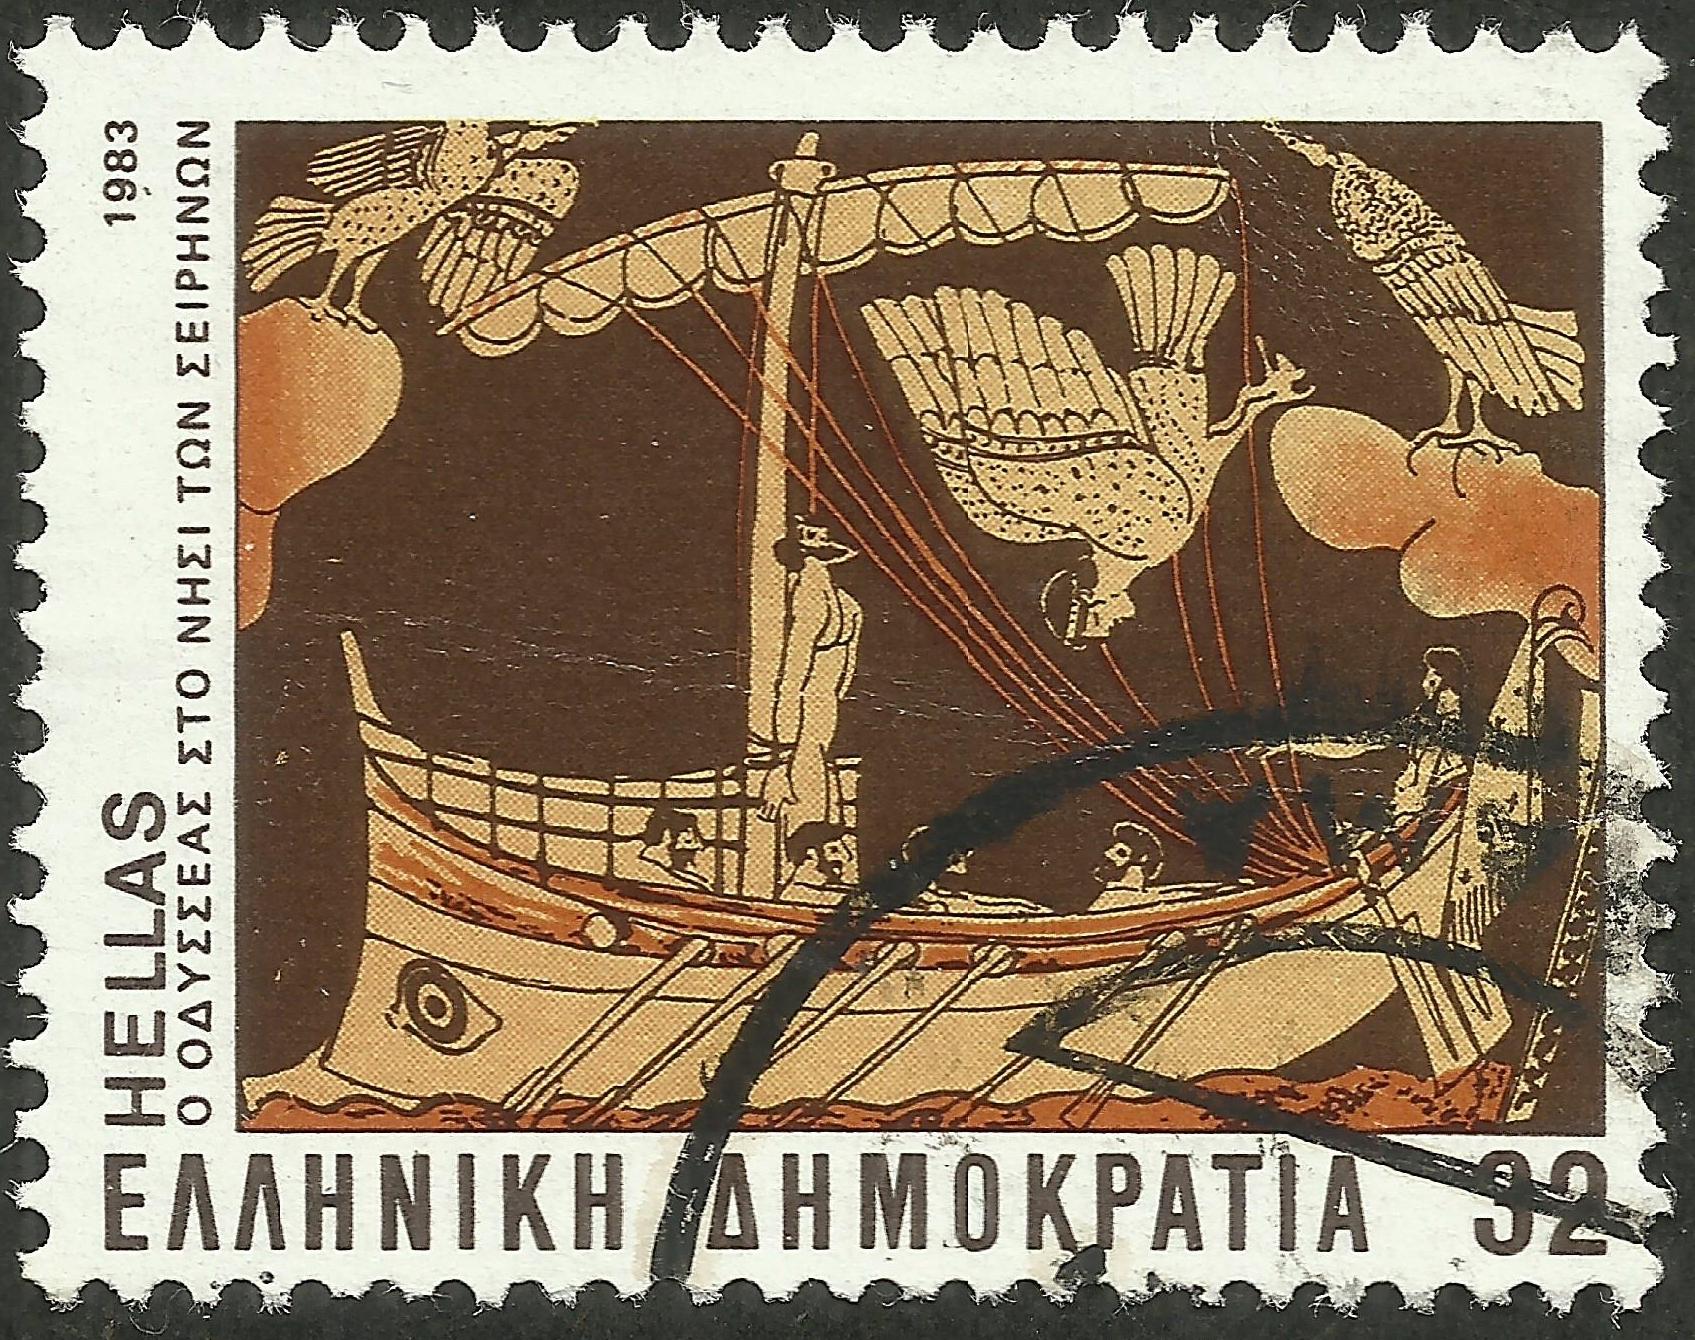 Greece - Scott #1483 (1983)